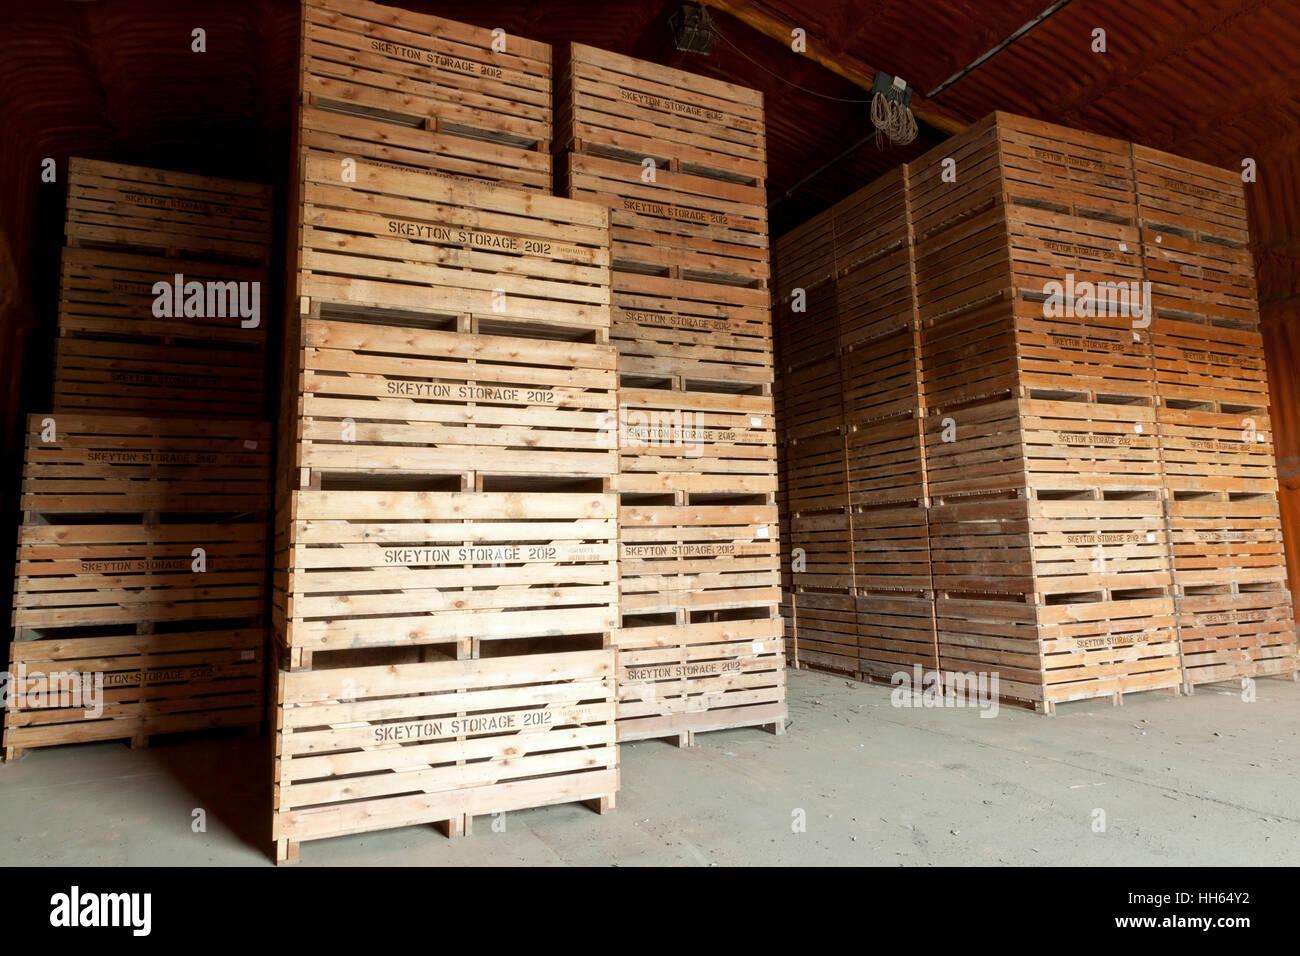 Gestapelte landwirtschaftliche hölzerne Kartoffel Aufbewahrungsboxen in einem isolierten Speicher Stockbild